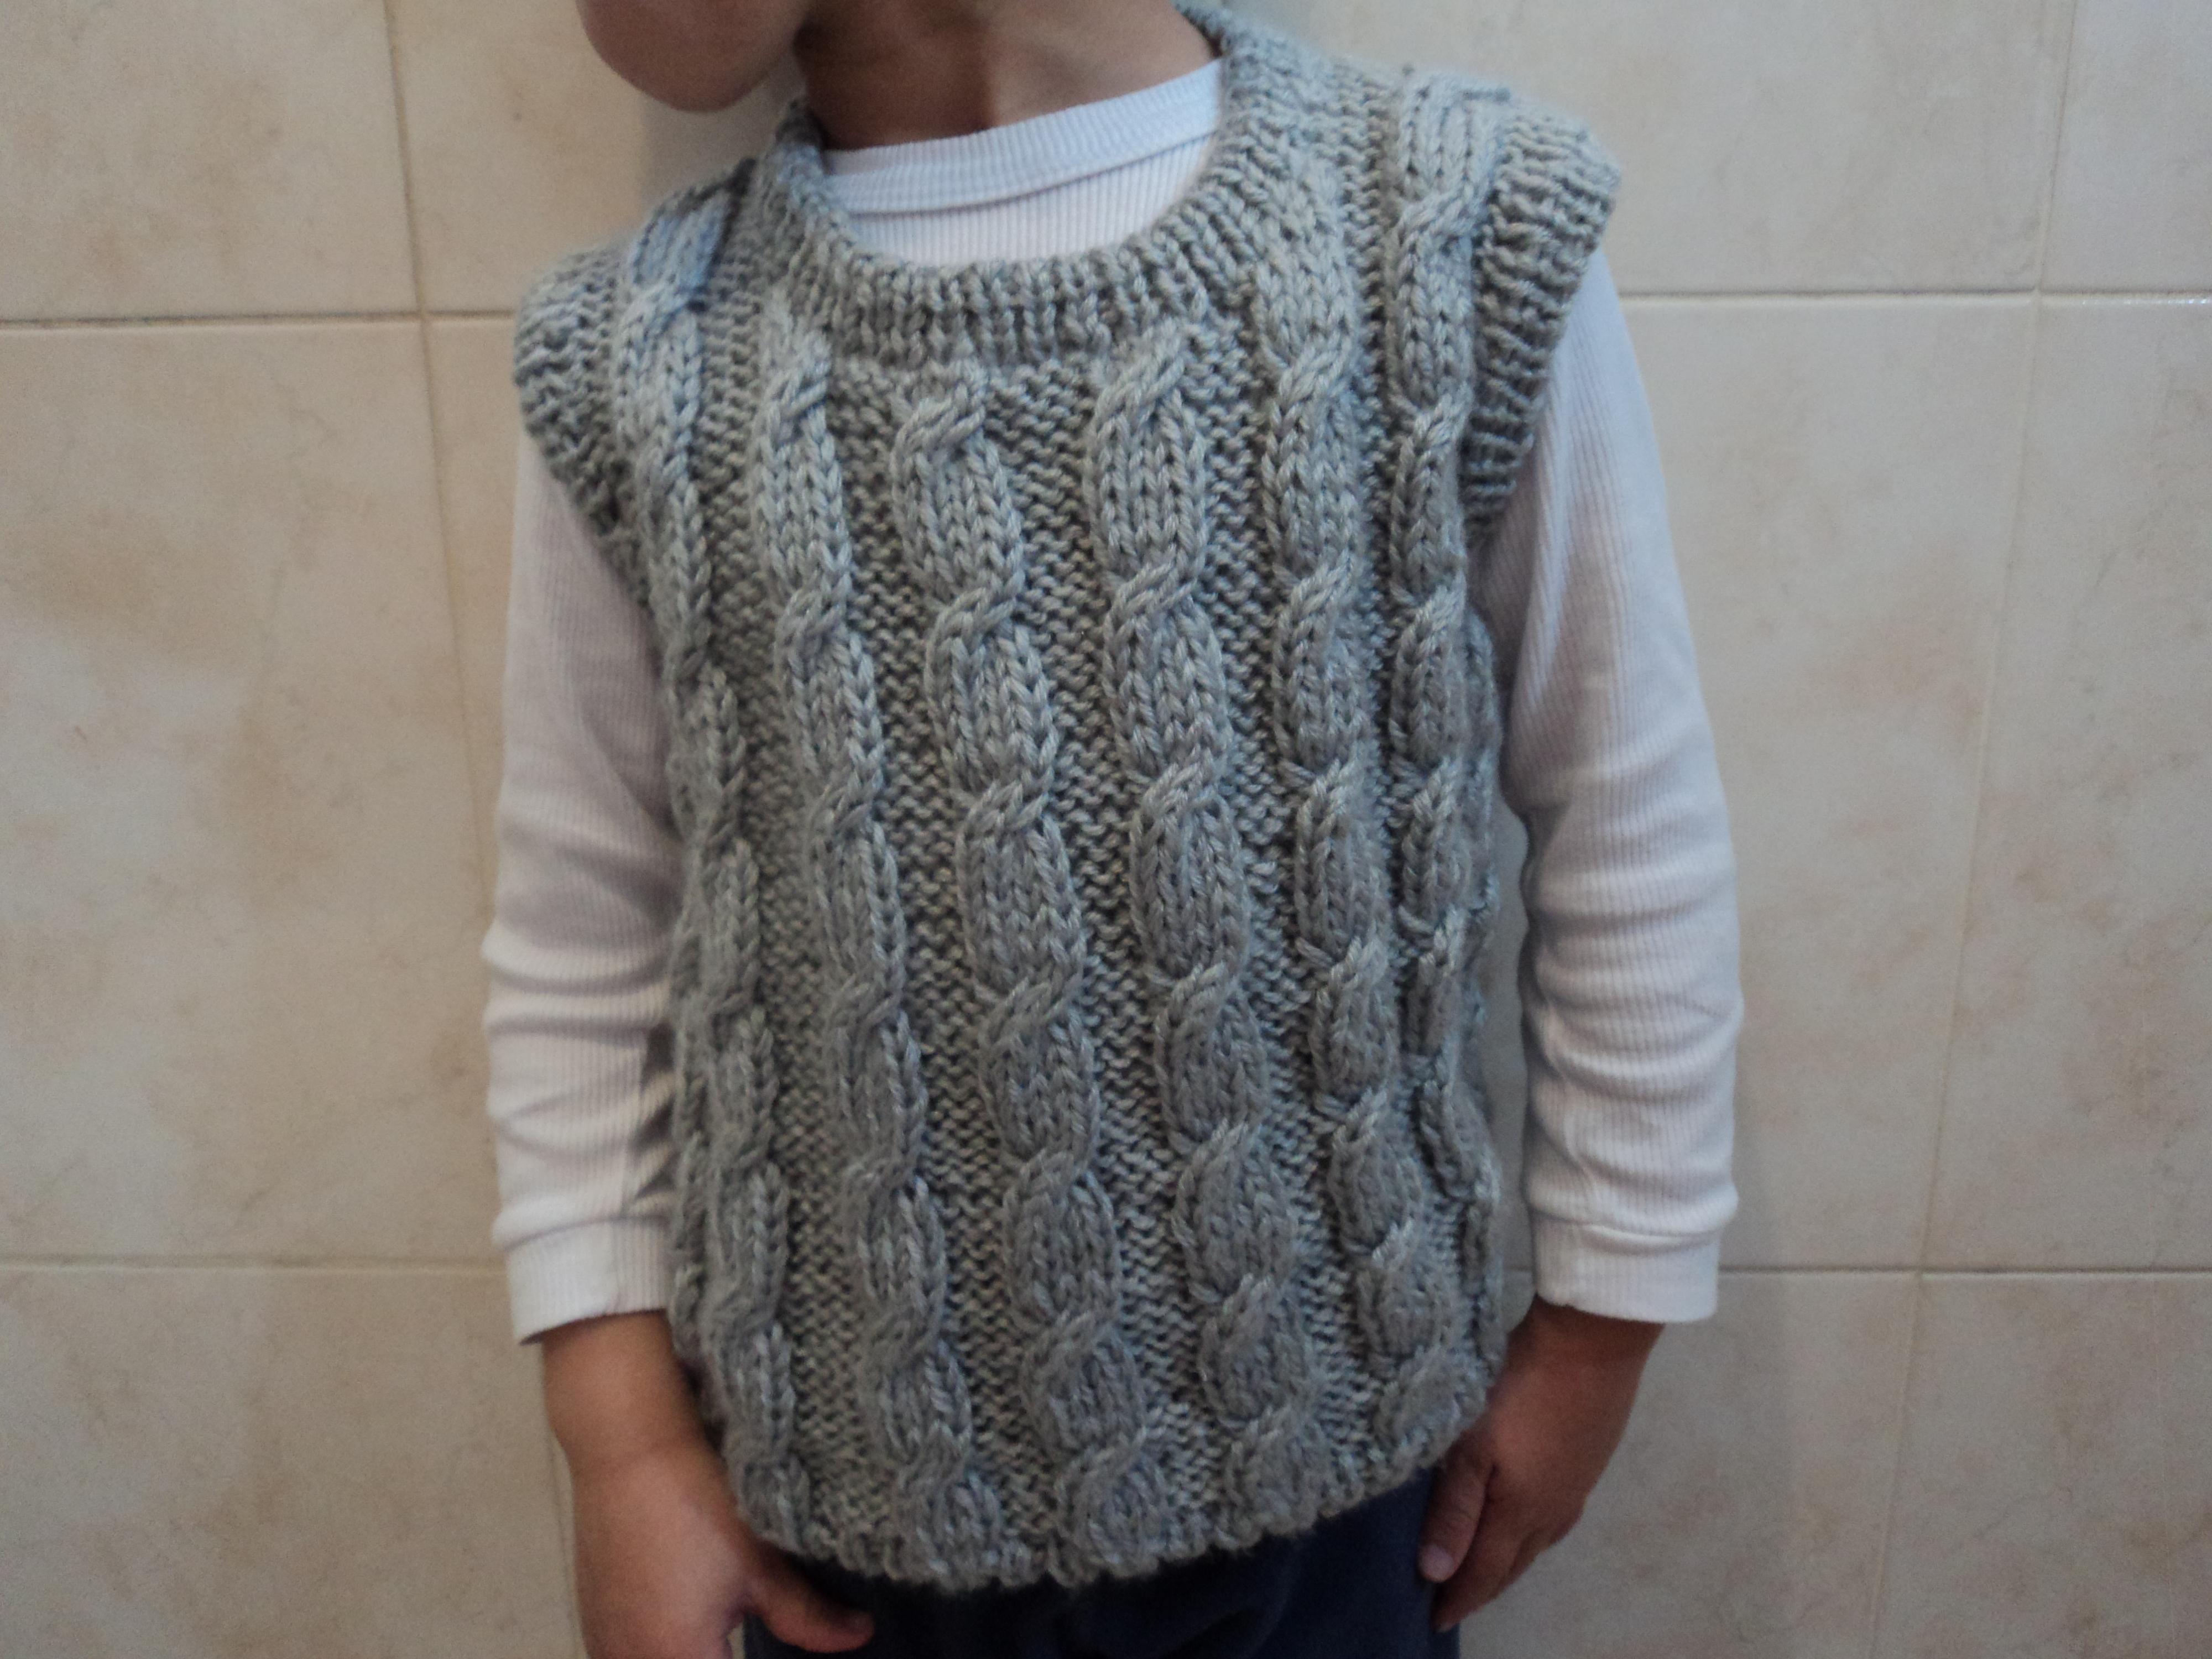 colete de tricô infantil no Elo7  2b729516dc4